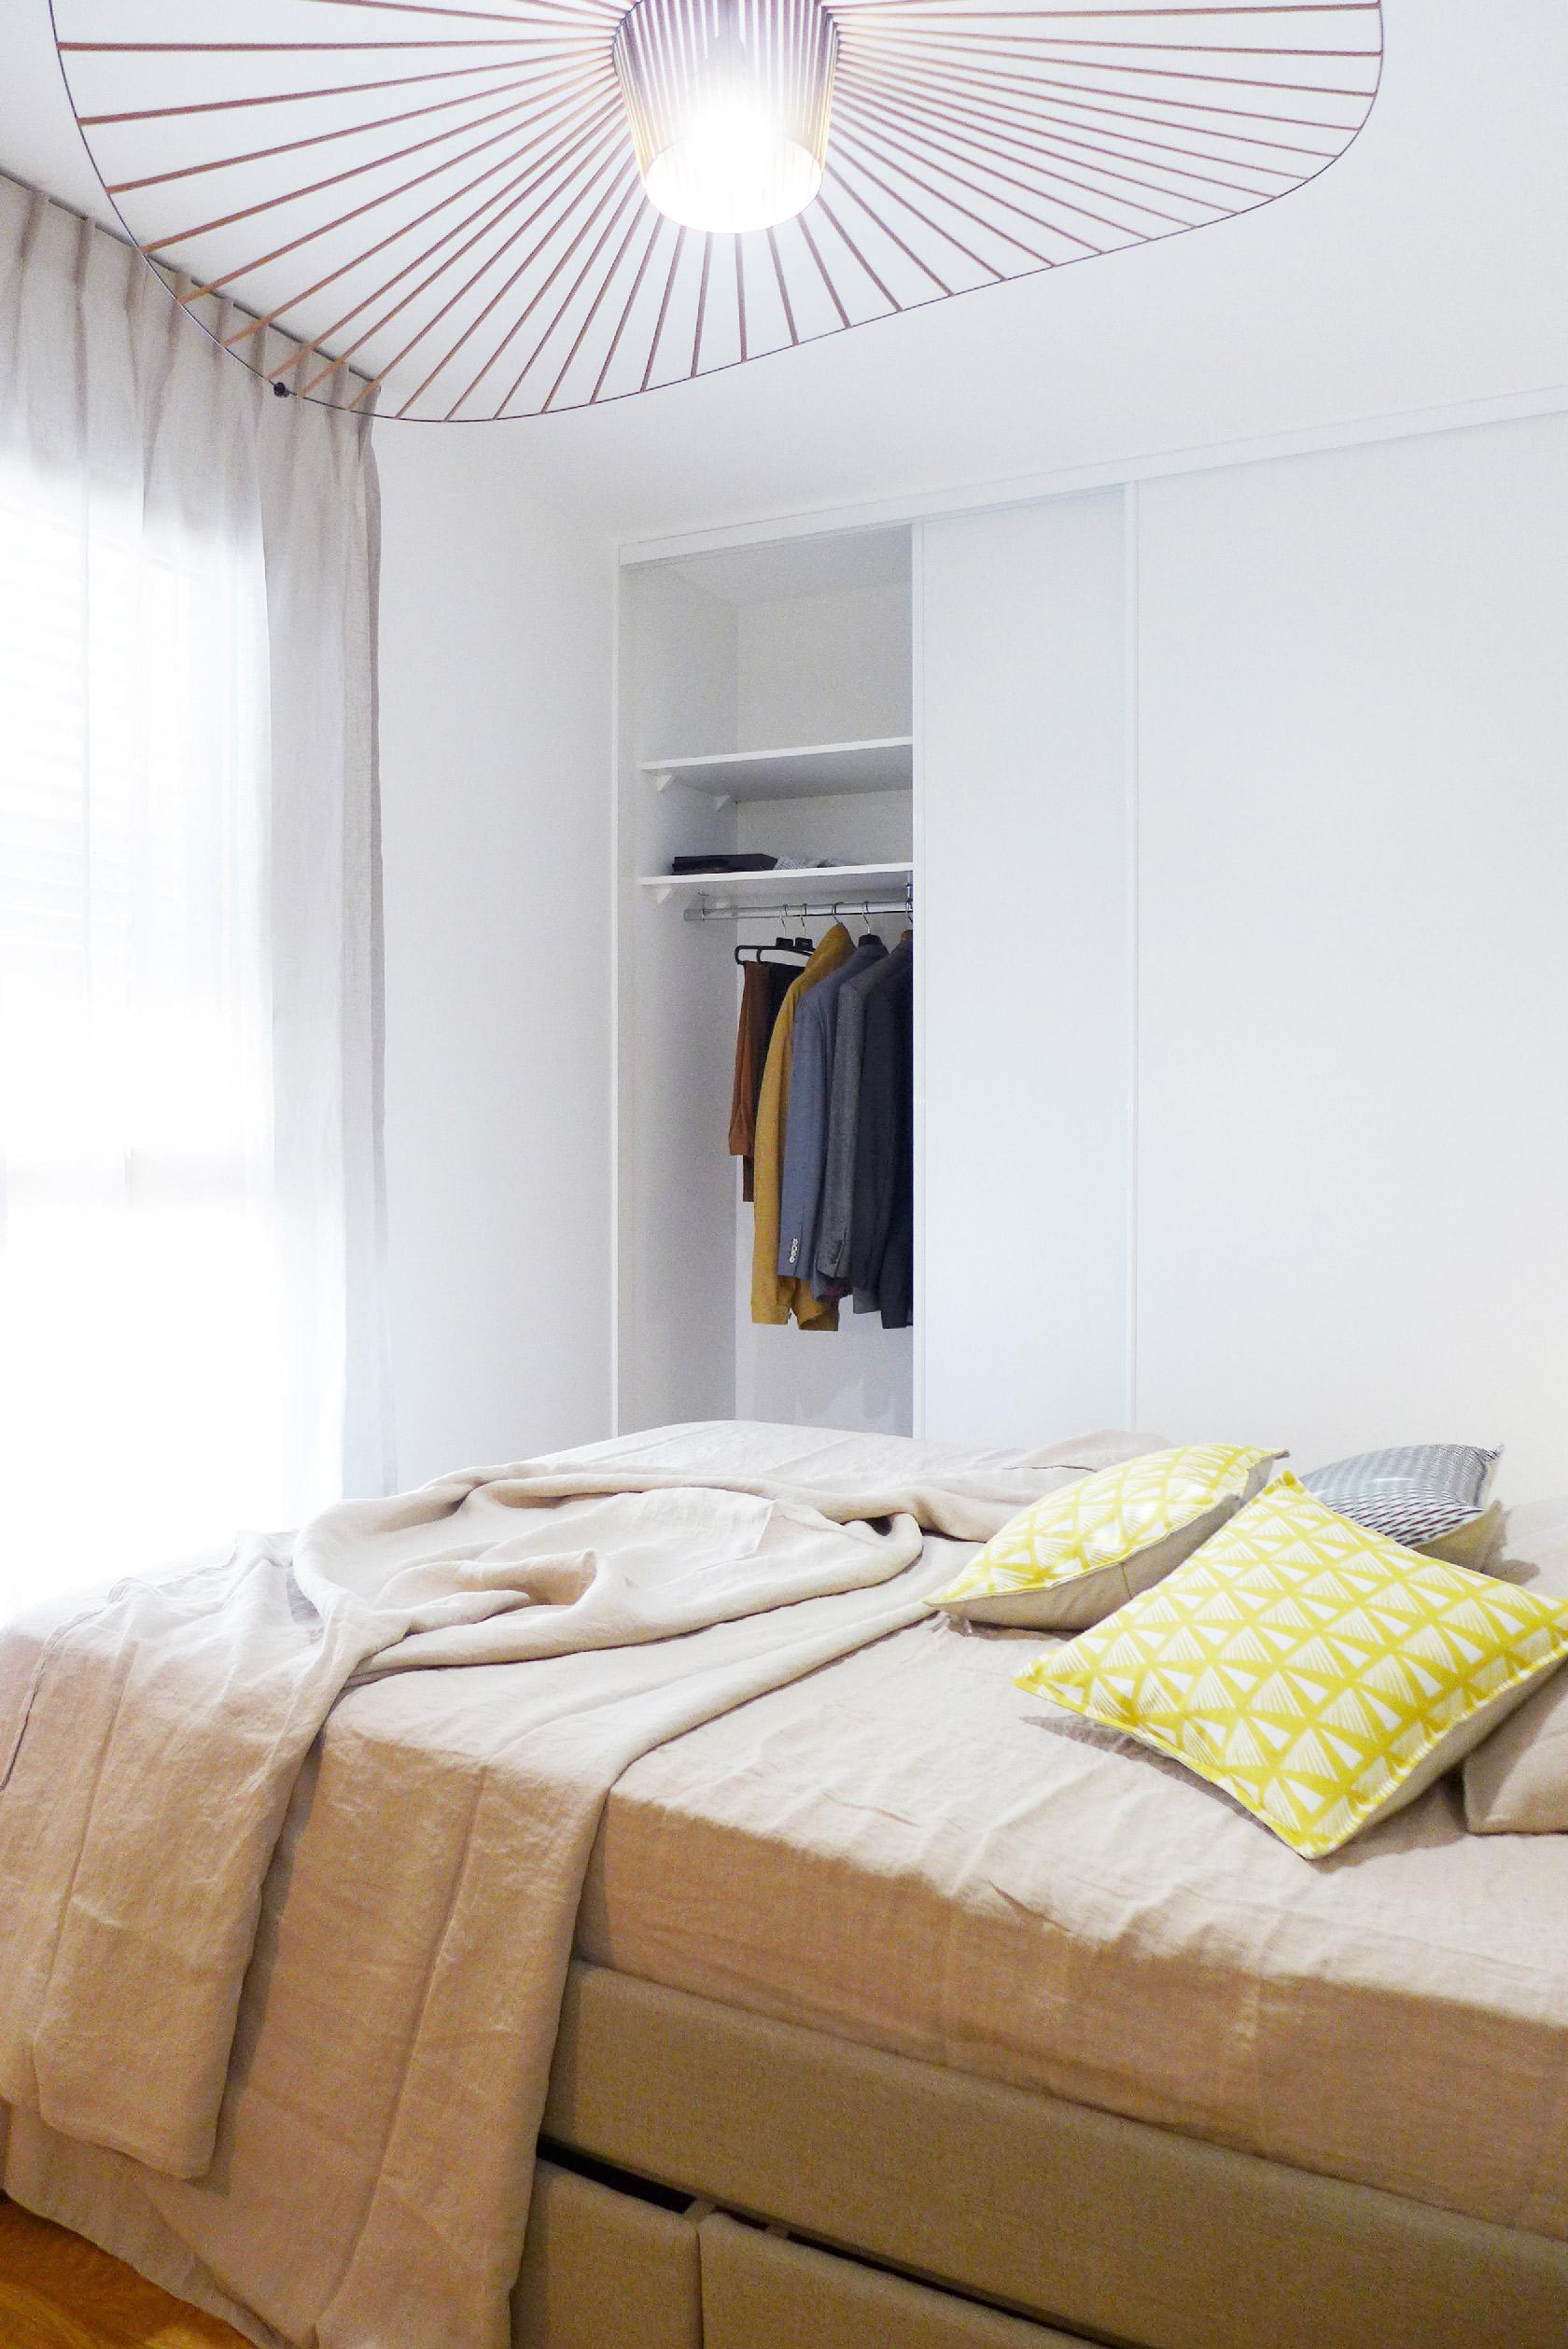 Réalisation blanc, bleu, jaune. Un appartement au mobilier signé et sur mesure.